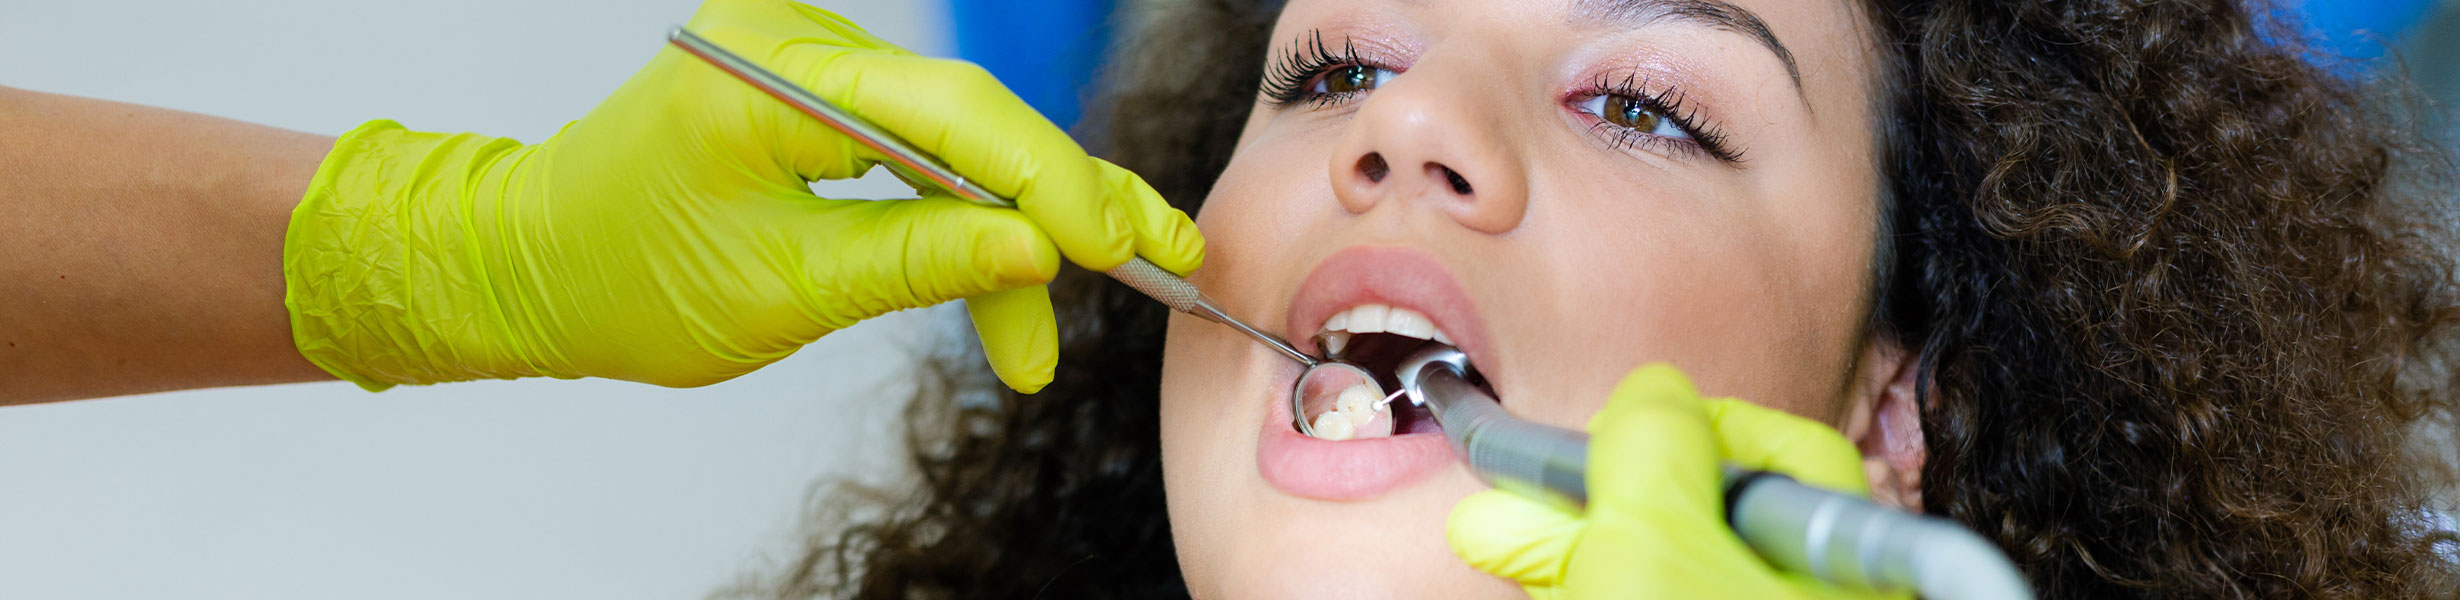 Woman having surgery at dental clinic